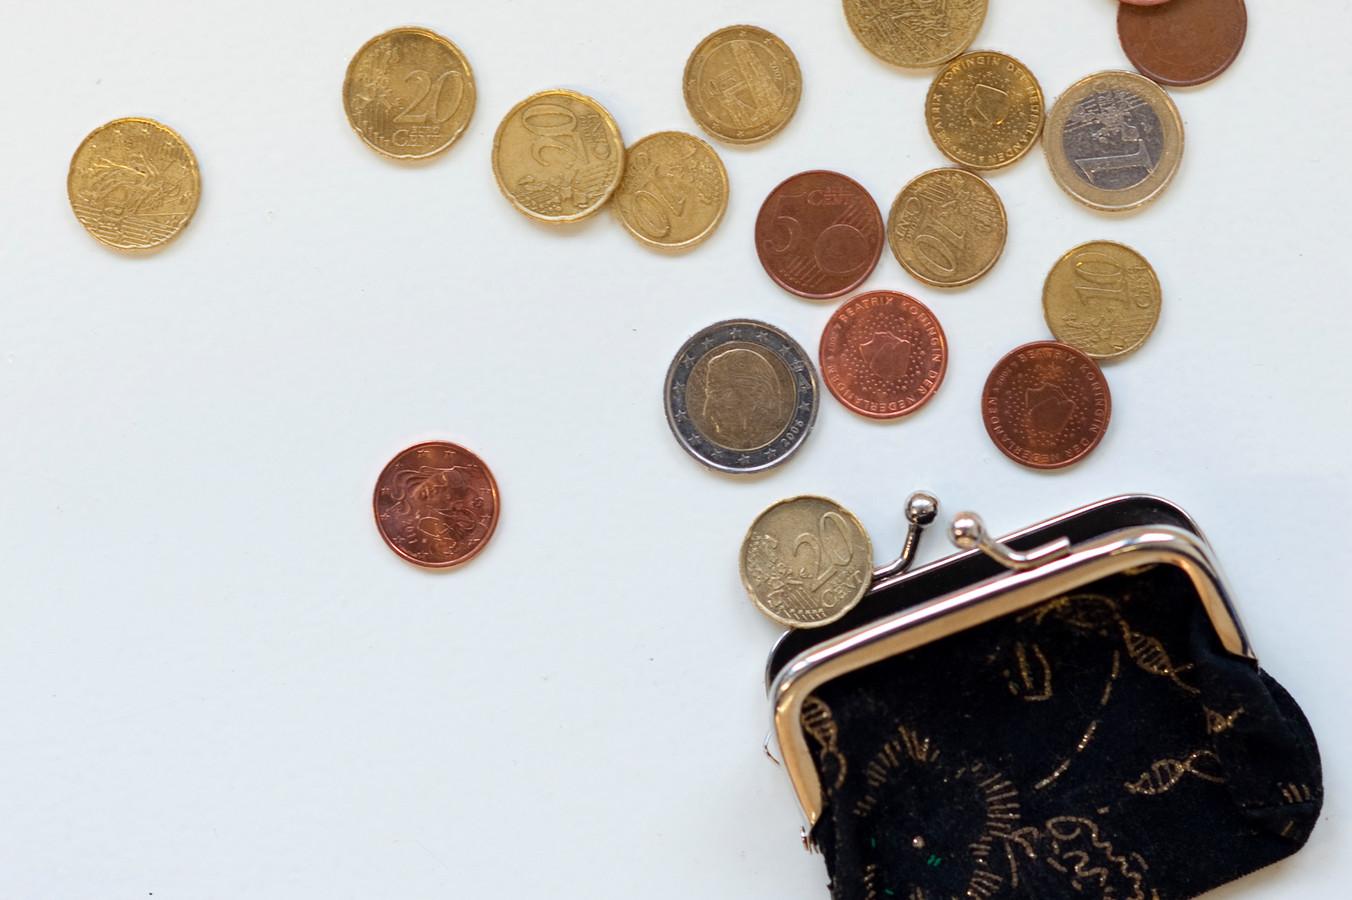 ILLUSTRATIE - Portemonnee met kleingeld. De pensioenuitkeringen dreigen volgend jaar verlaagd te worden. ANP XTRA ROOS KOOLE